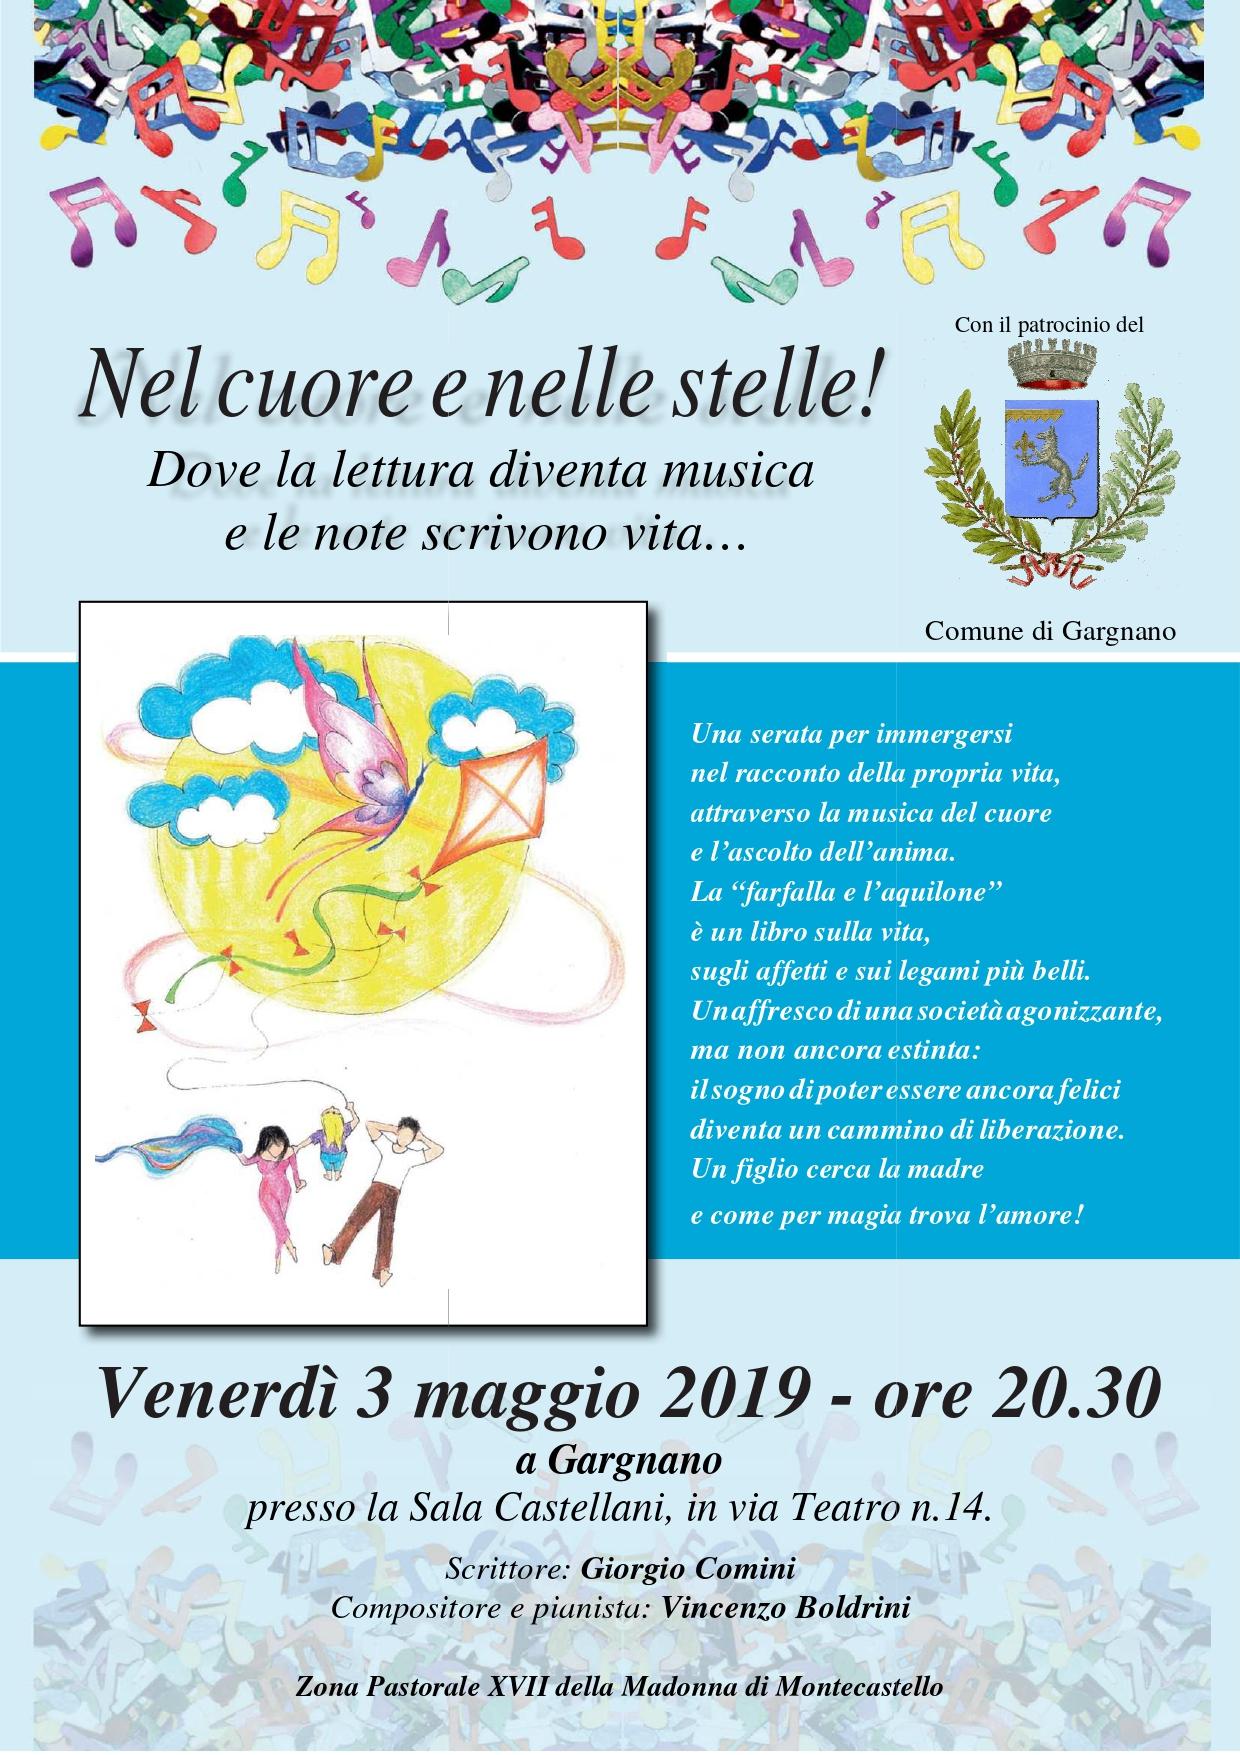 Presentazione del libro a Gargnano_pages-to-jpg-0001